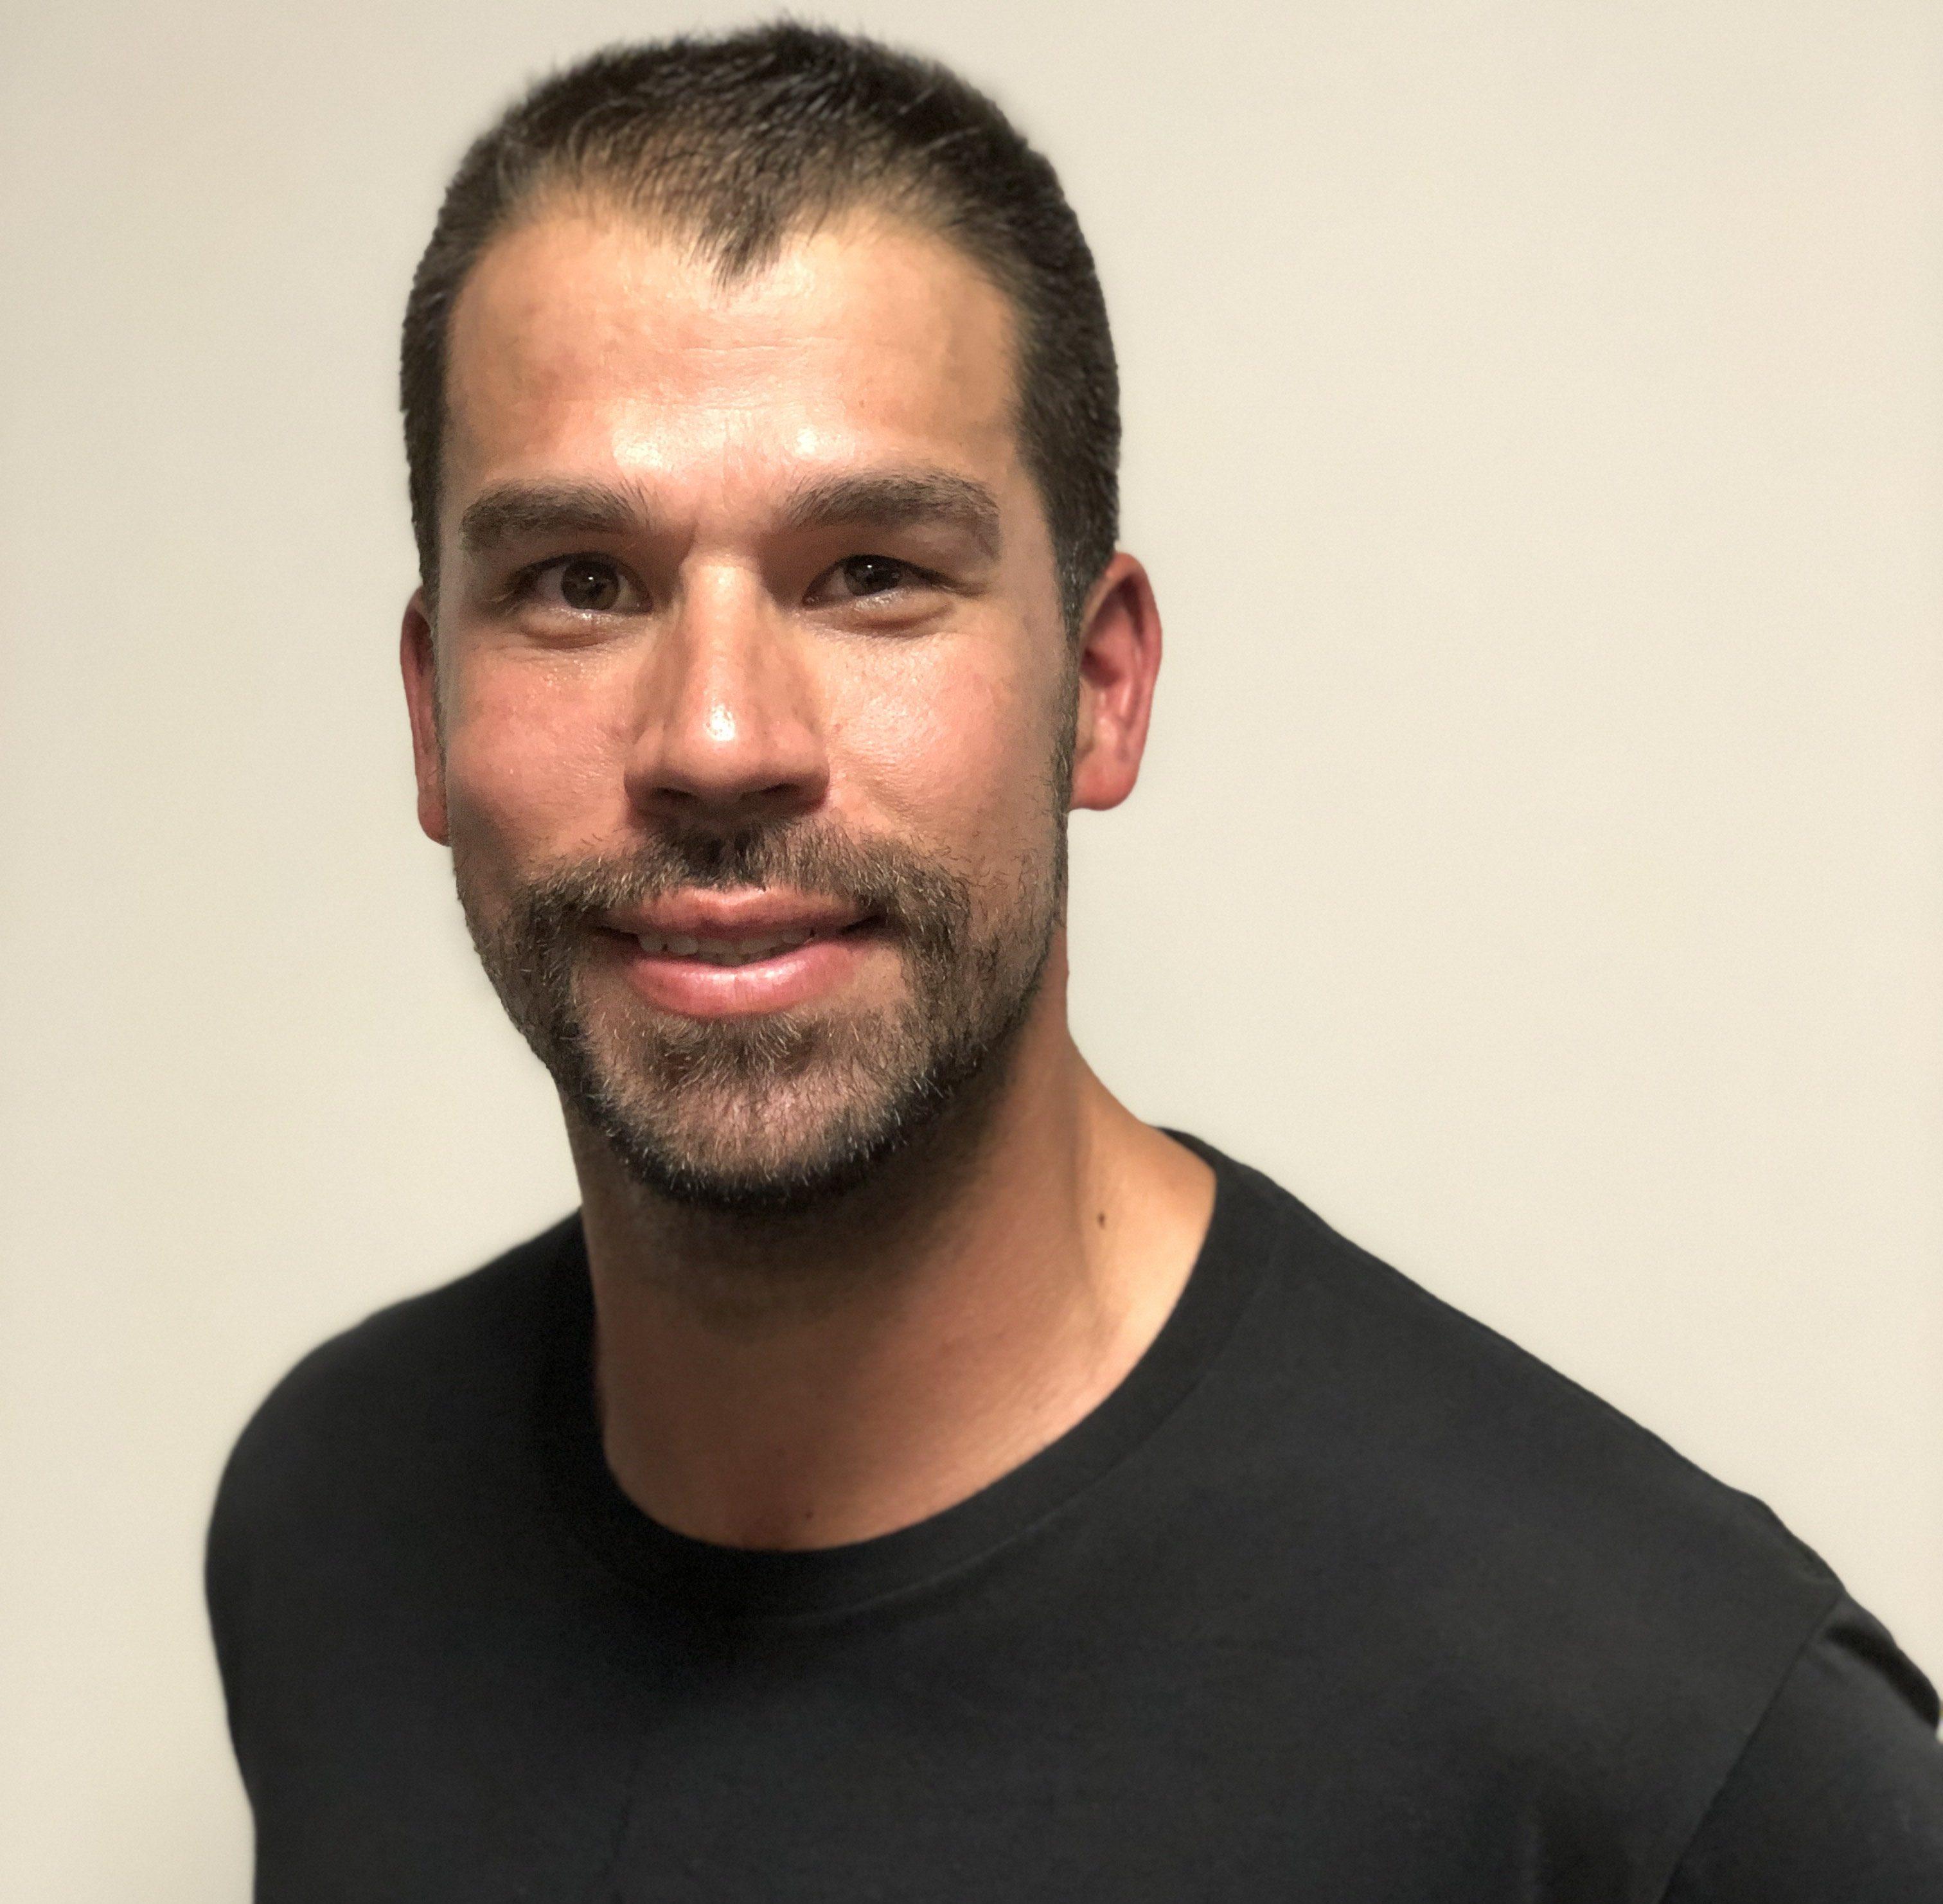 Dustin Molleken